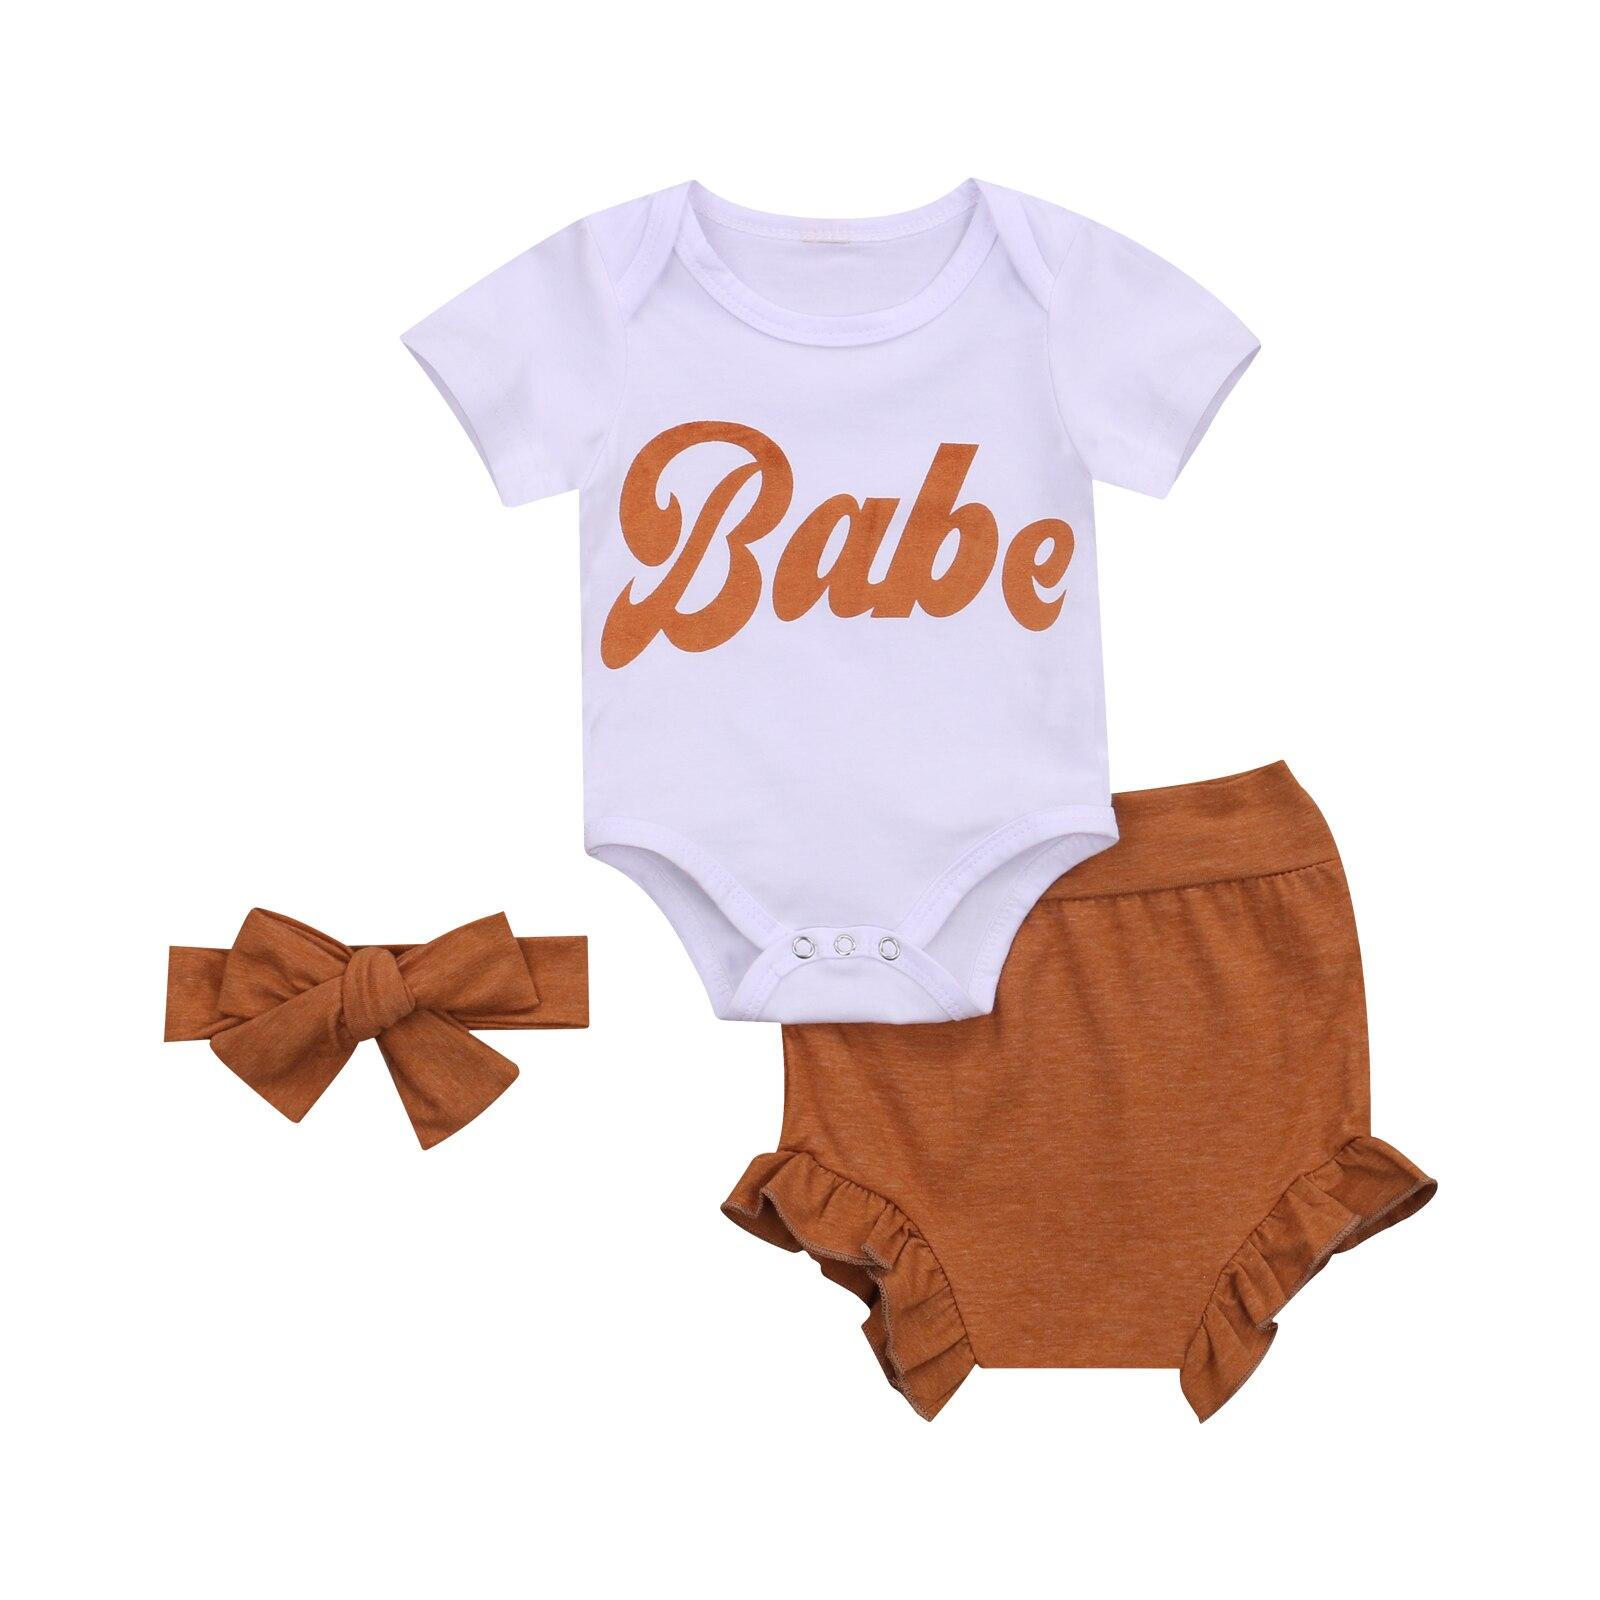 Новинка, летняя одежда для новорожденных девочек, Детский боди с буквами, топ + шорты из ПП + повязка на голову, комплект одежды, одежда для 3-18 ...